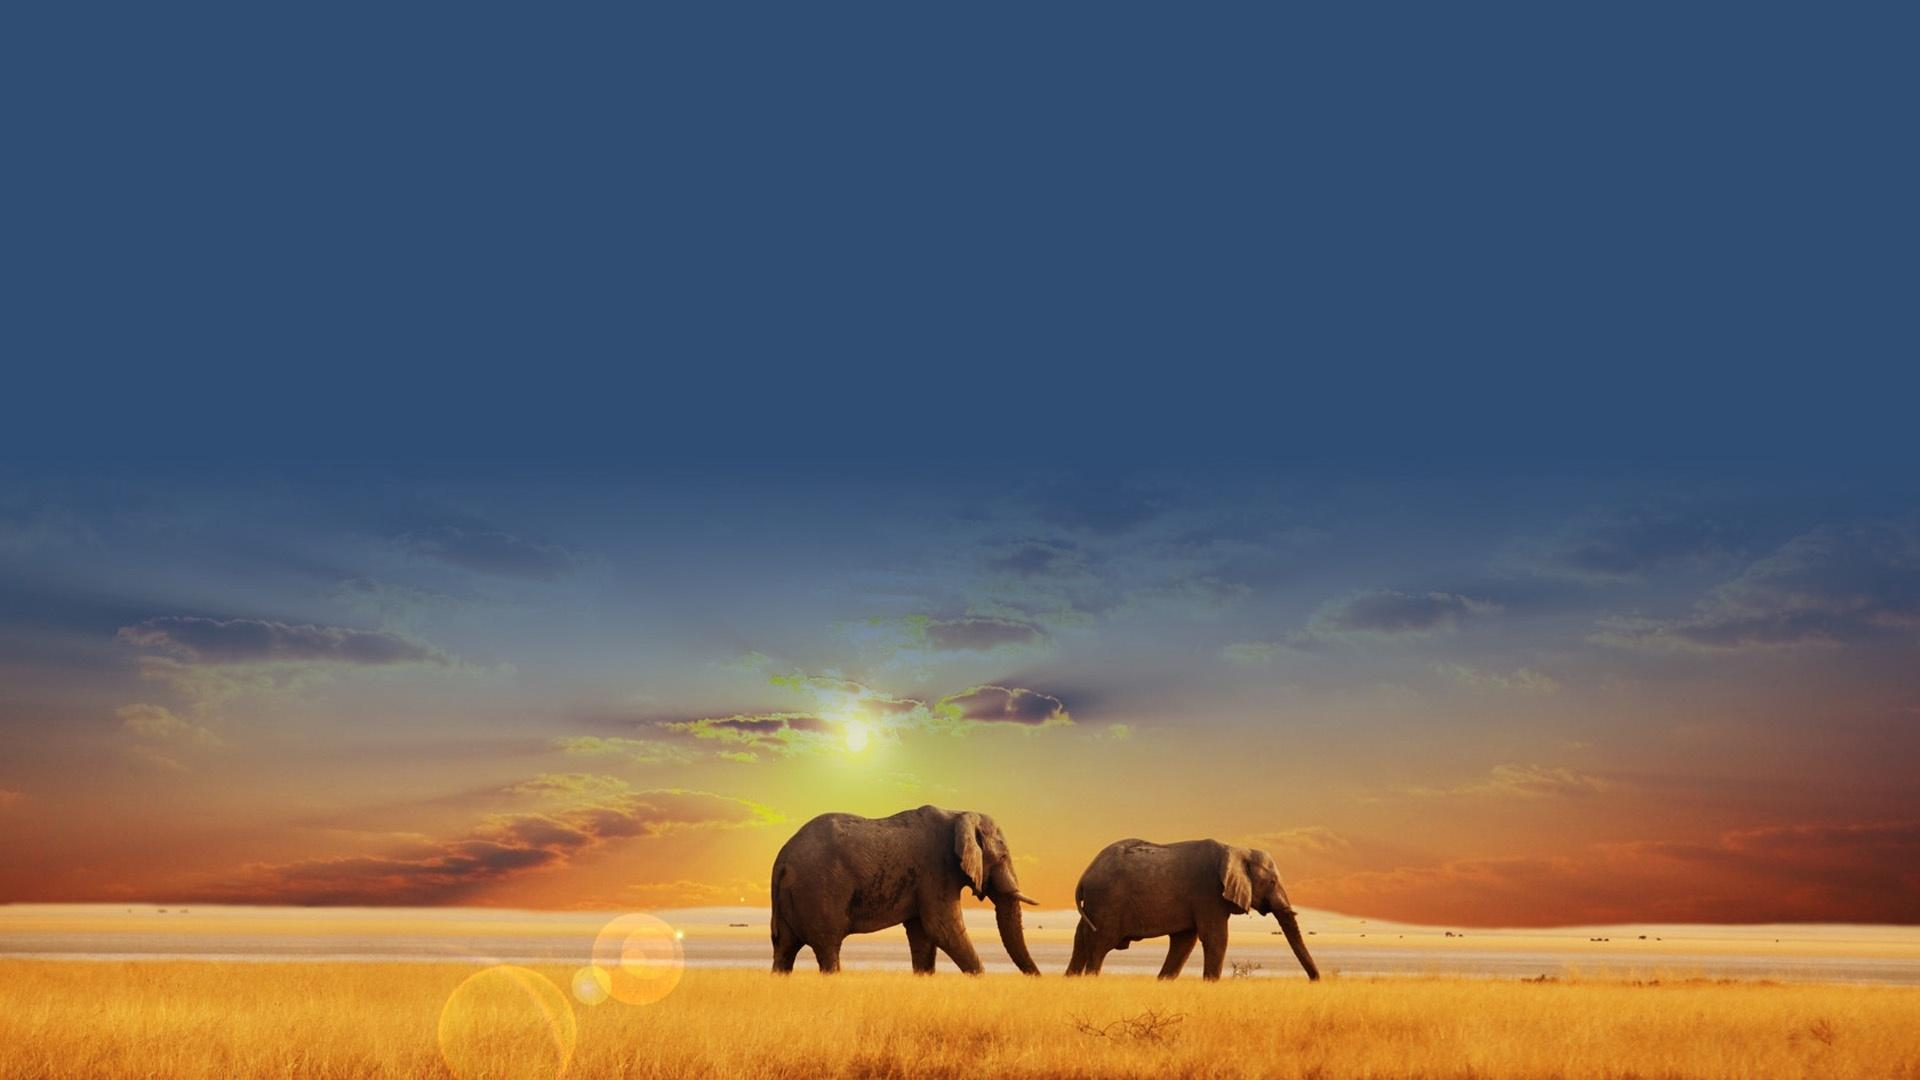 非洲大象草原風景桌面壁紙